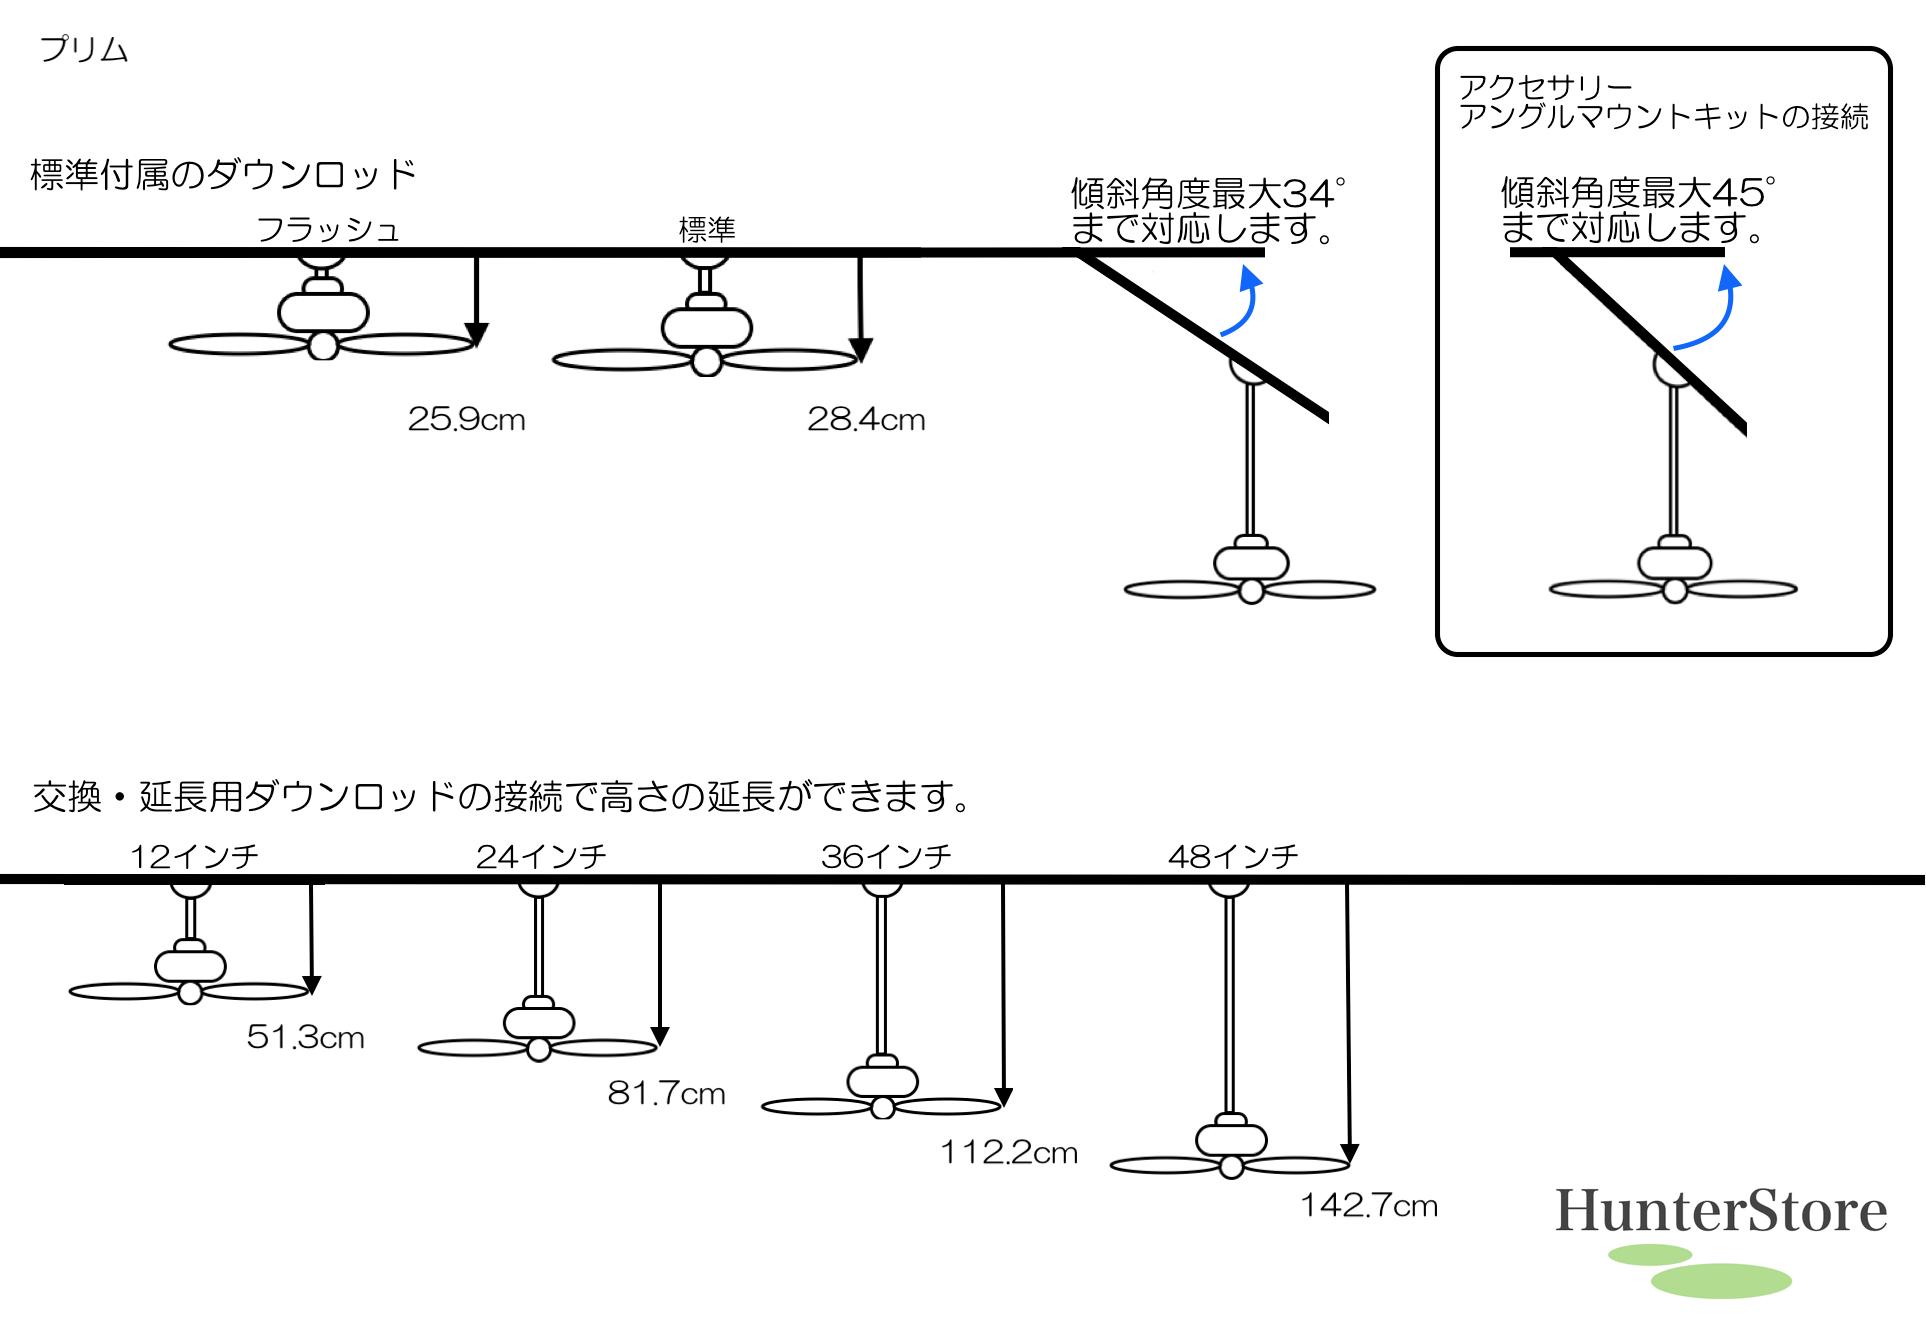 プリム 照明キット付【ファン本体のみ】 - 画像2